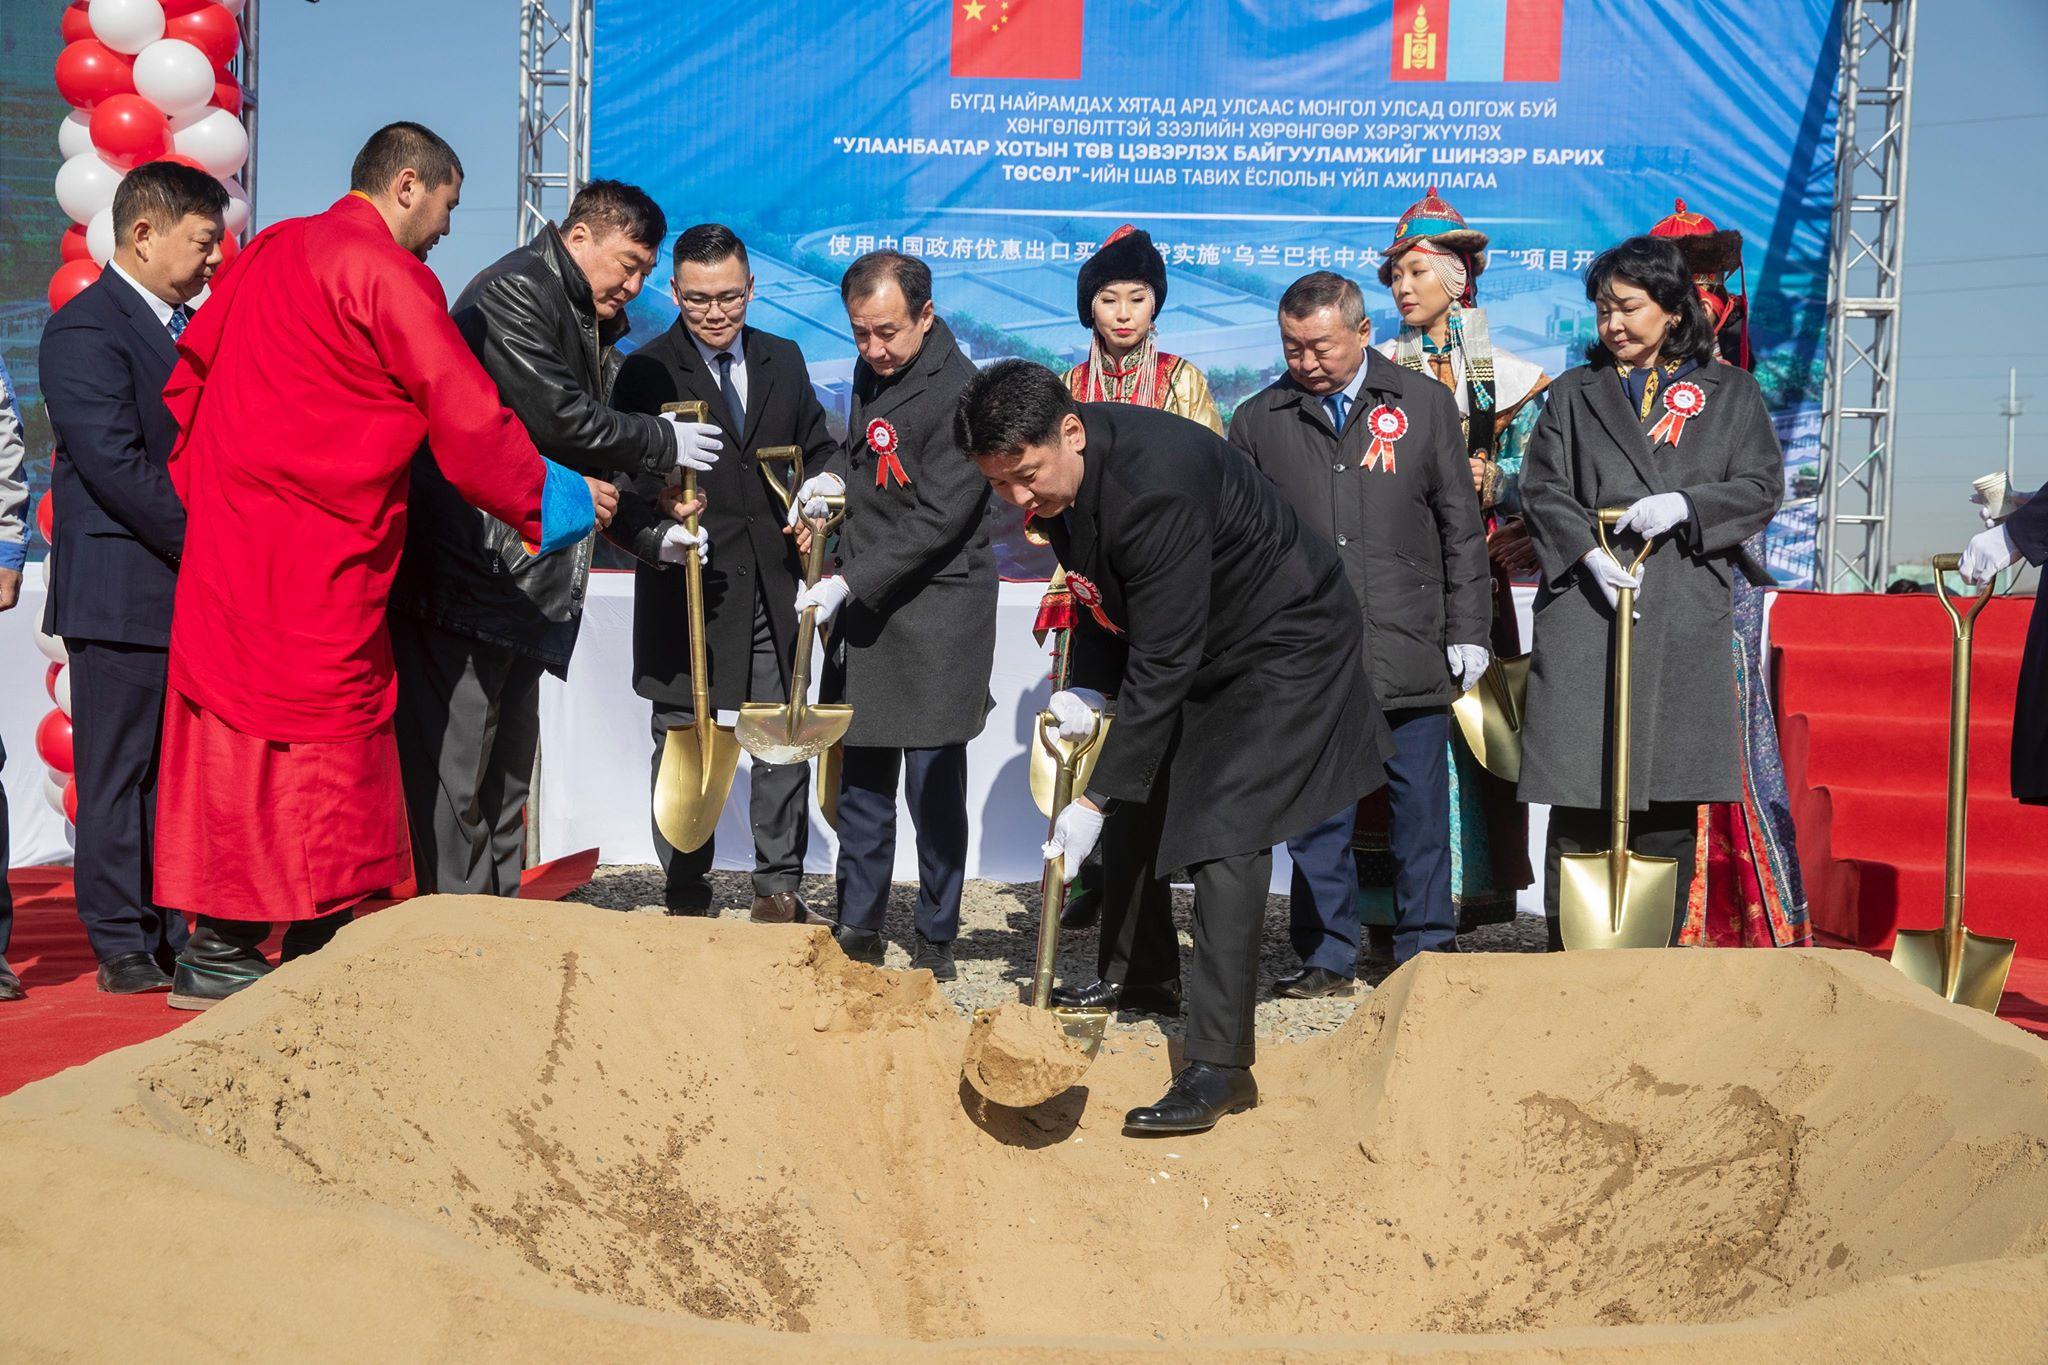 Улаанбаатар хотын шинэ төв цэвэрлэх байгууламжийн барилгын ажил эхэллээ